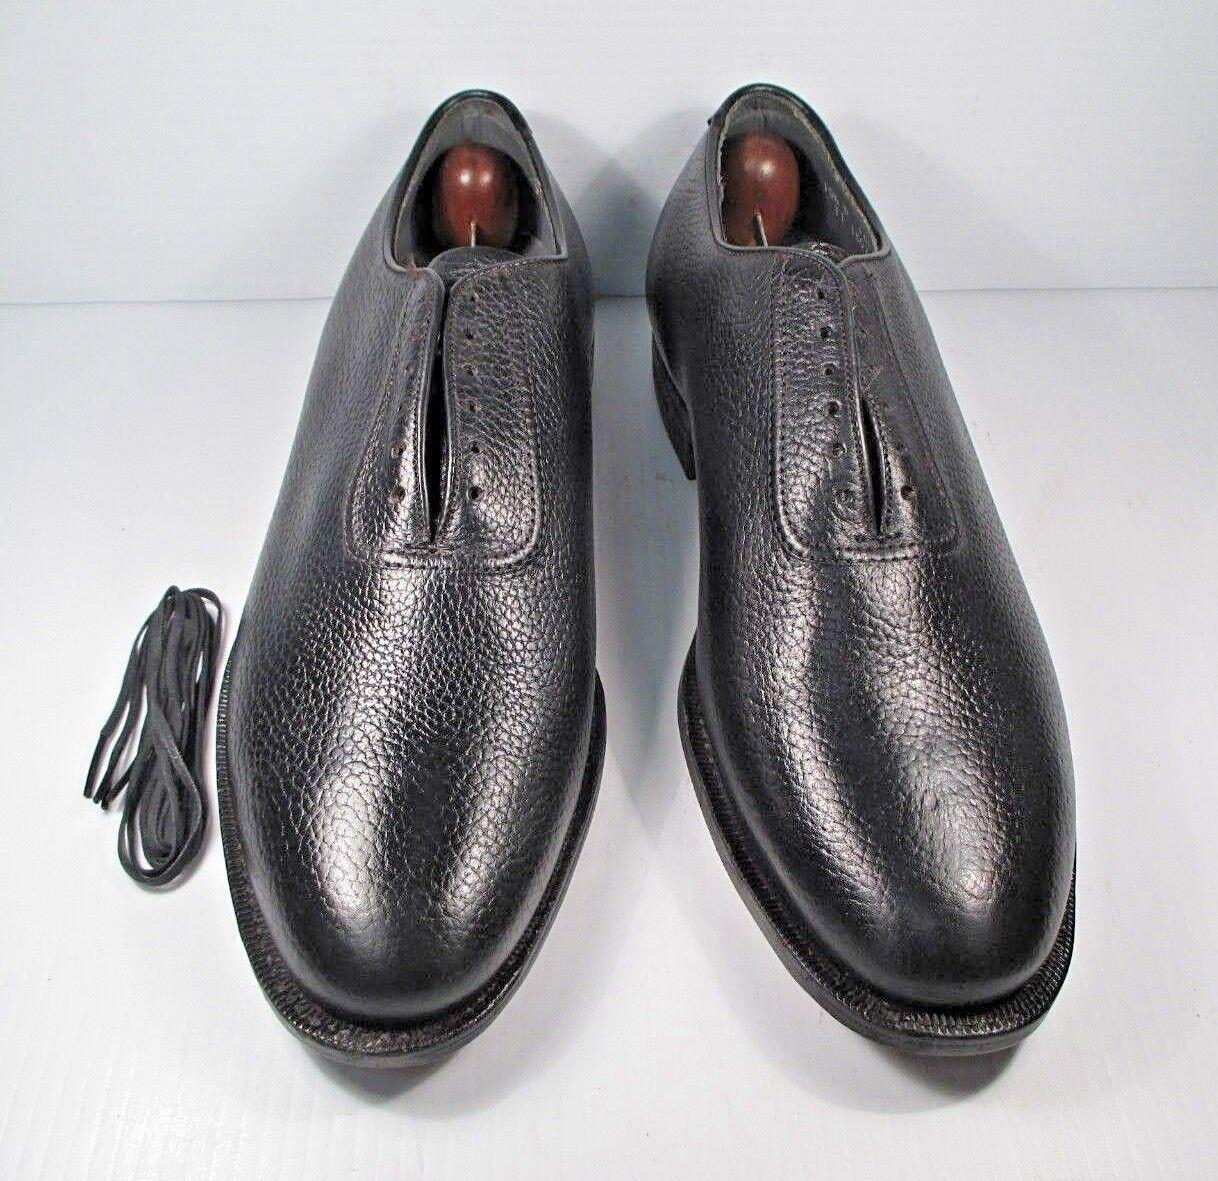 Zapato De Cuero Negro LLANO TOE OXFORD Classics wholecut tamaño 10.5 D Hecho en EE. UU.